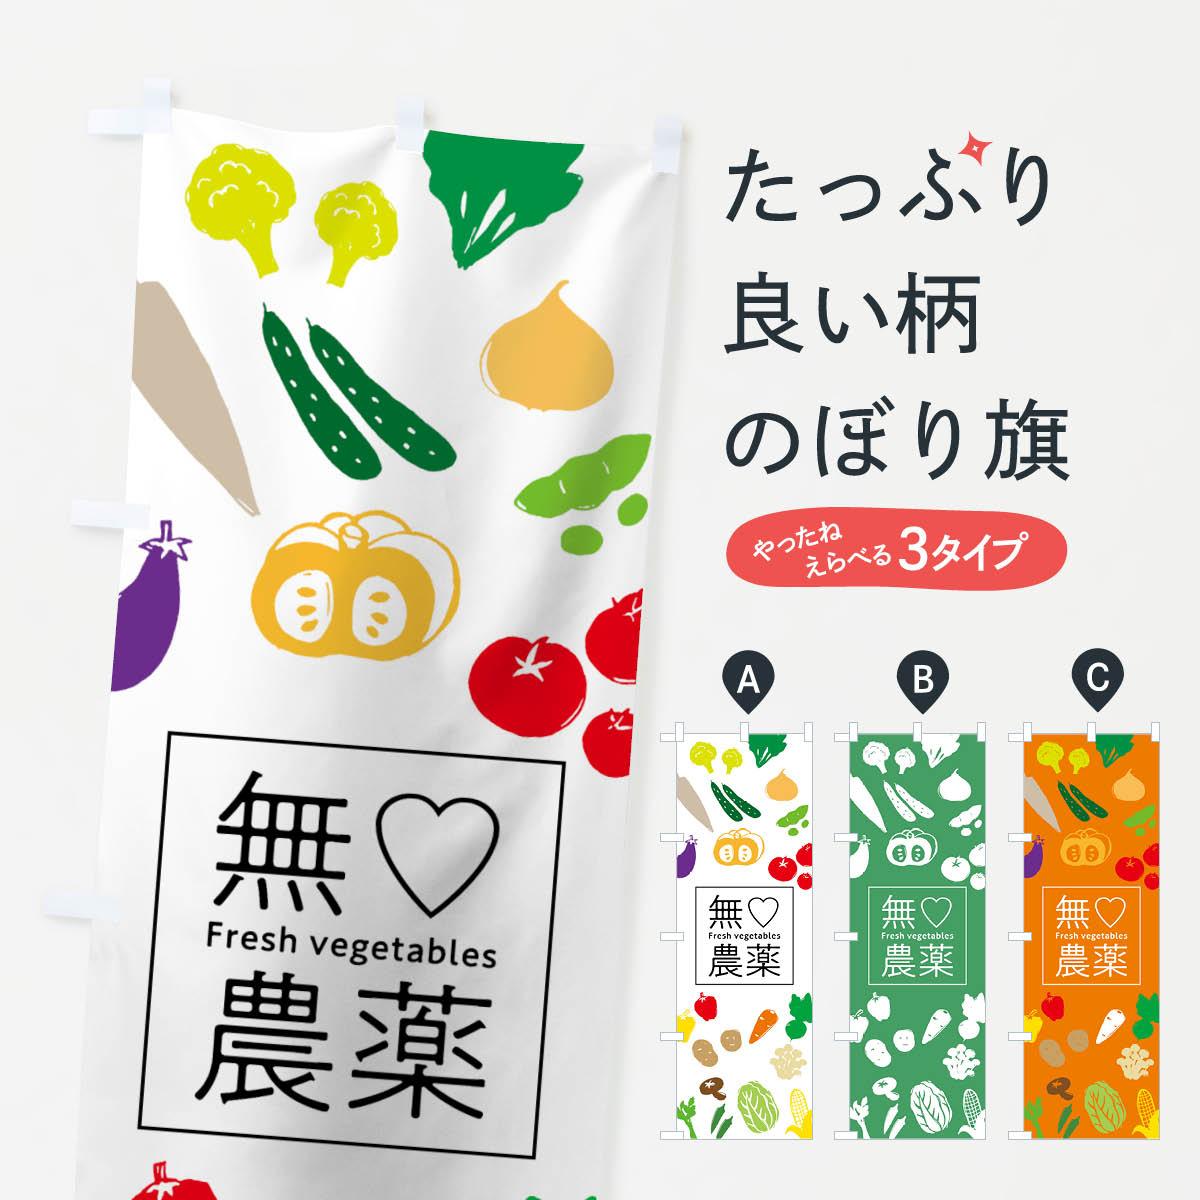 のぼり旗 無農薬野菜のぼり Fresh vegetables 新鮮野菜・直売